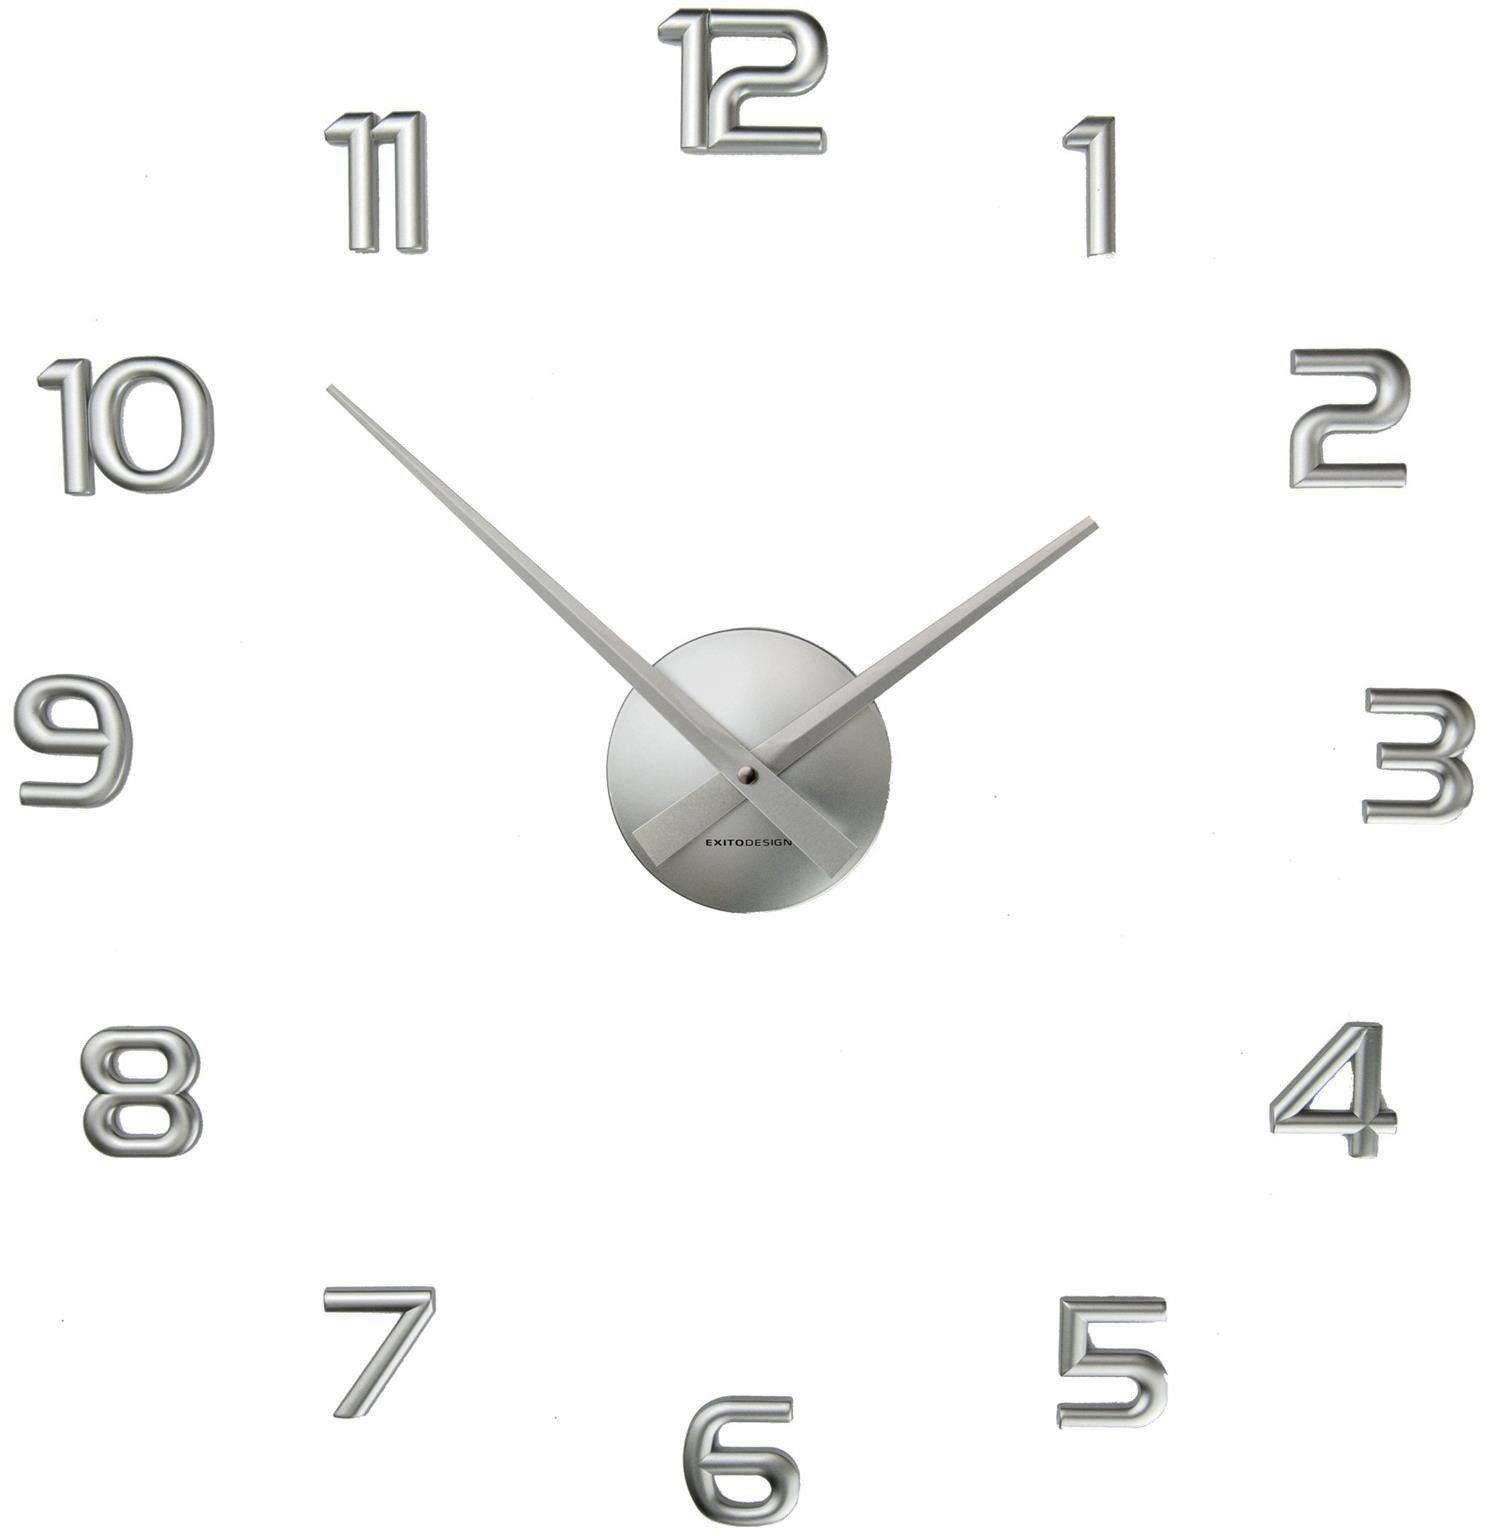 Zegar ścienny ExitoDesign HS-732S naklejany na ścianę, szybę...